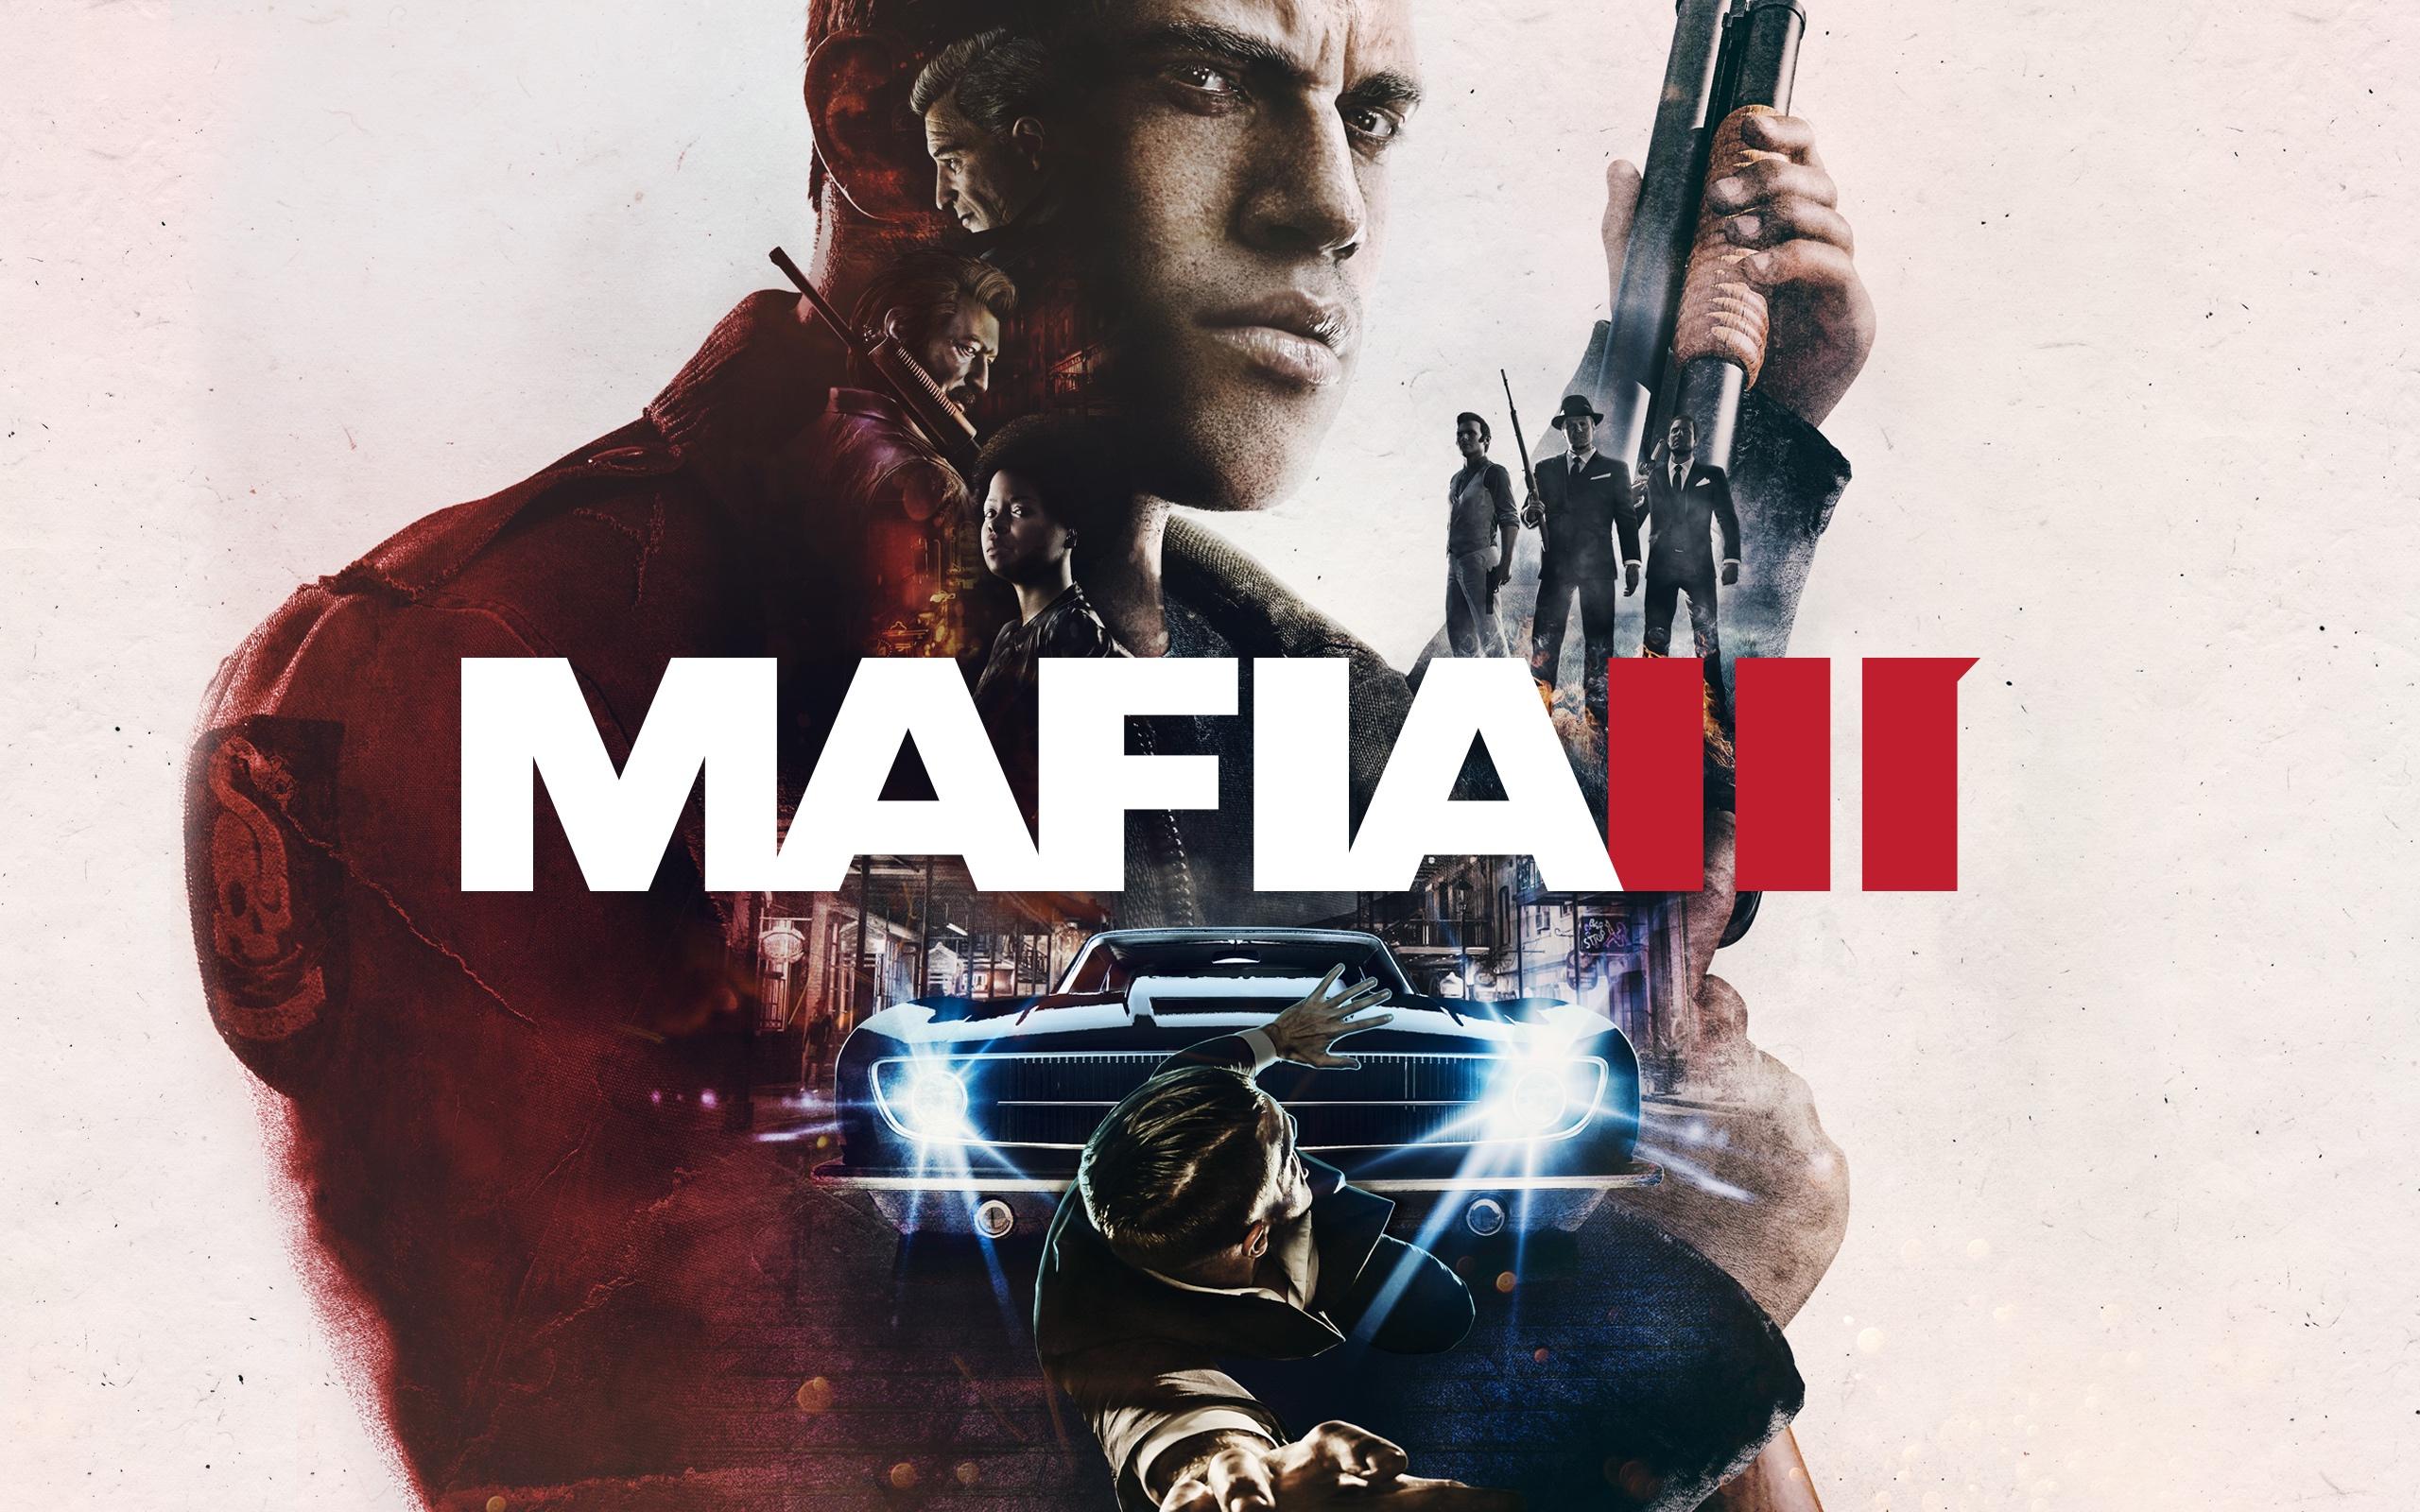 Poster for Mafia 3